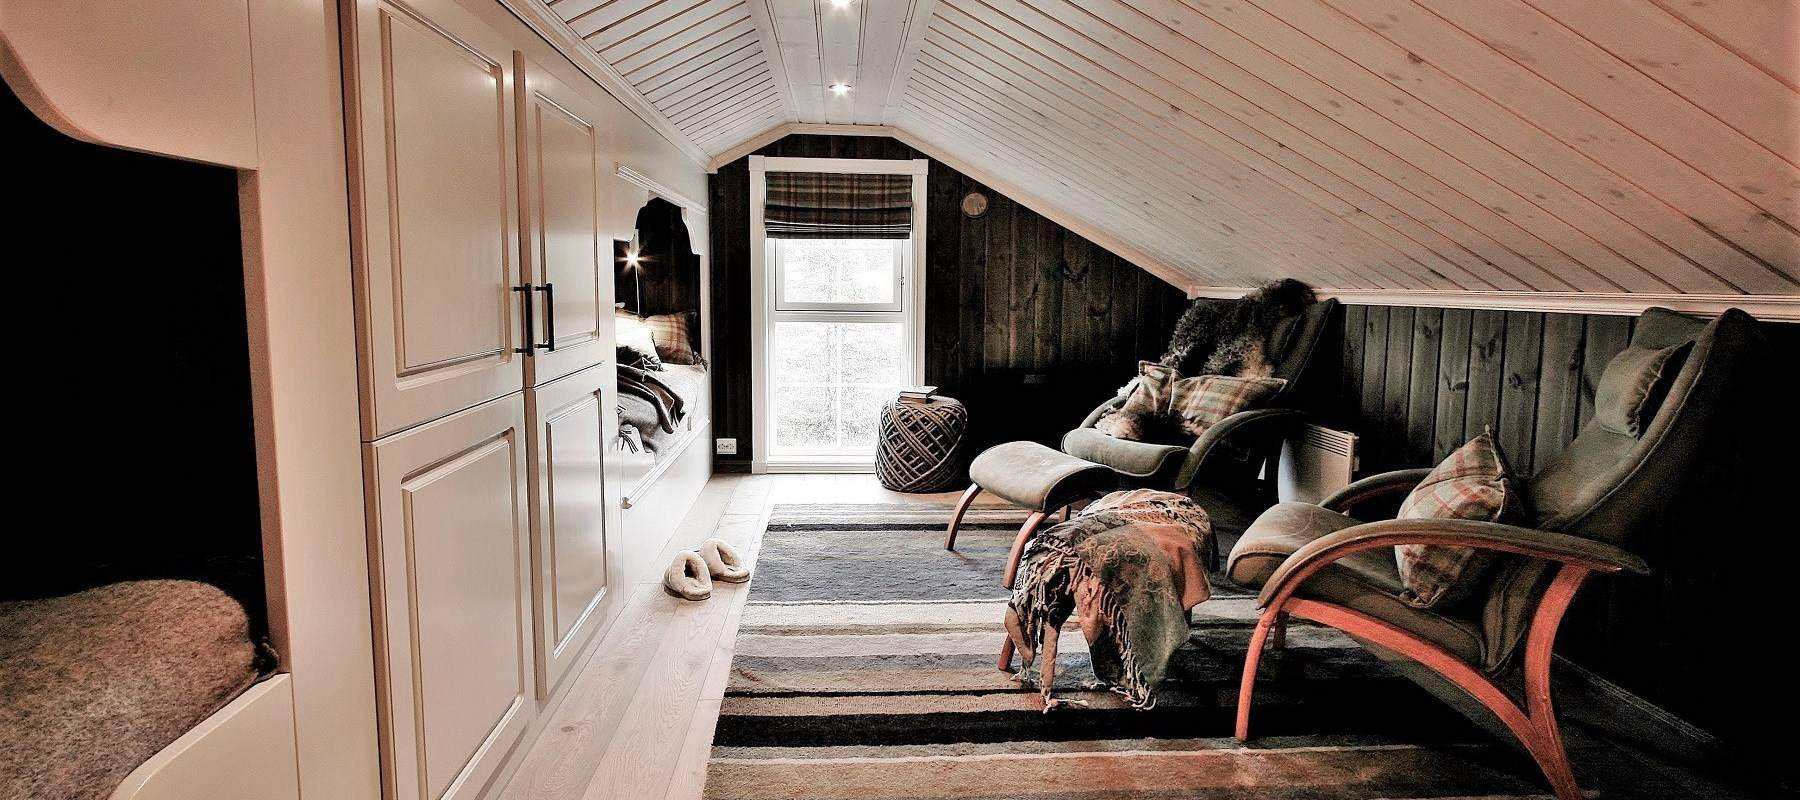 73 Hytteinteriør Inspirasjon Veggli – Stryn 92